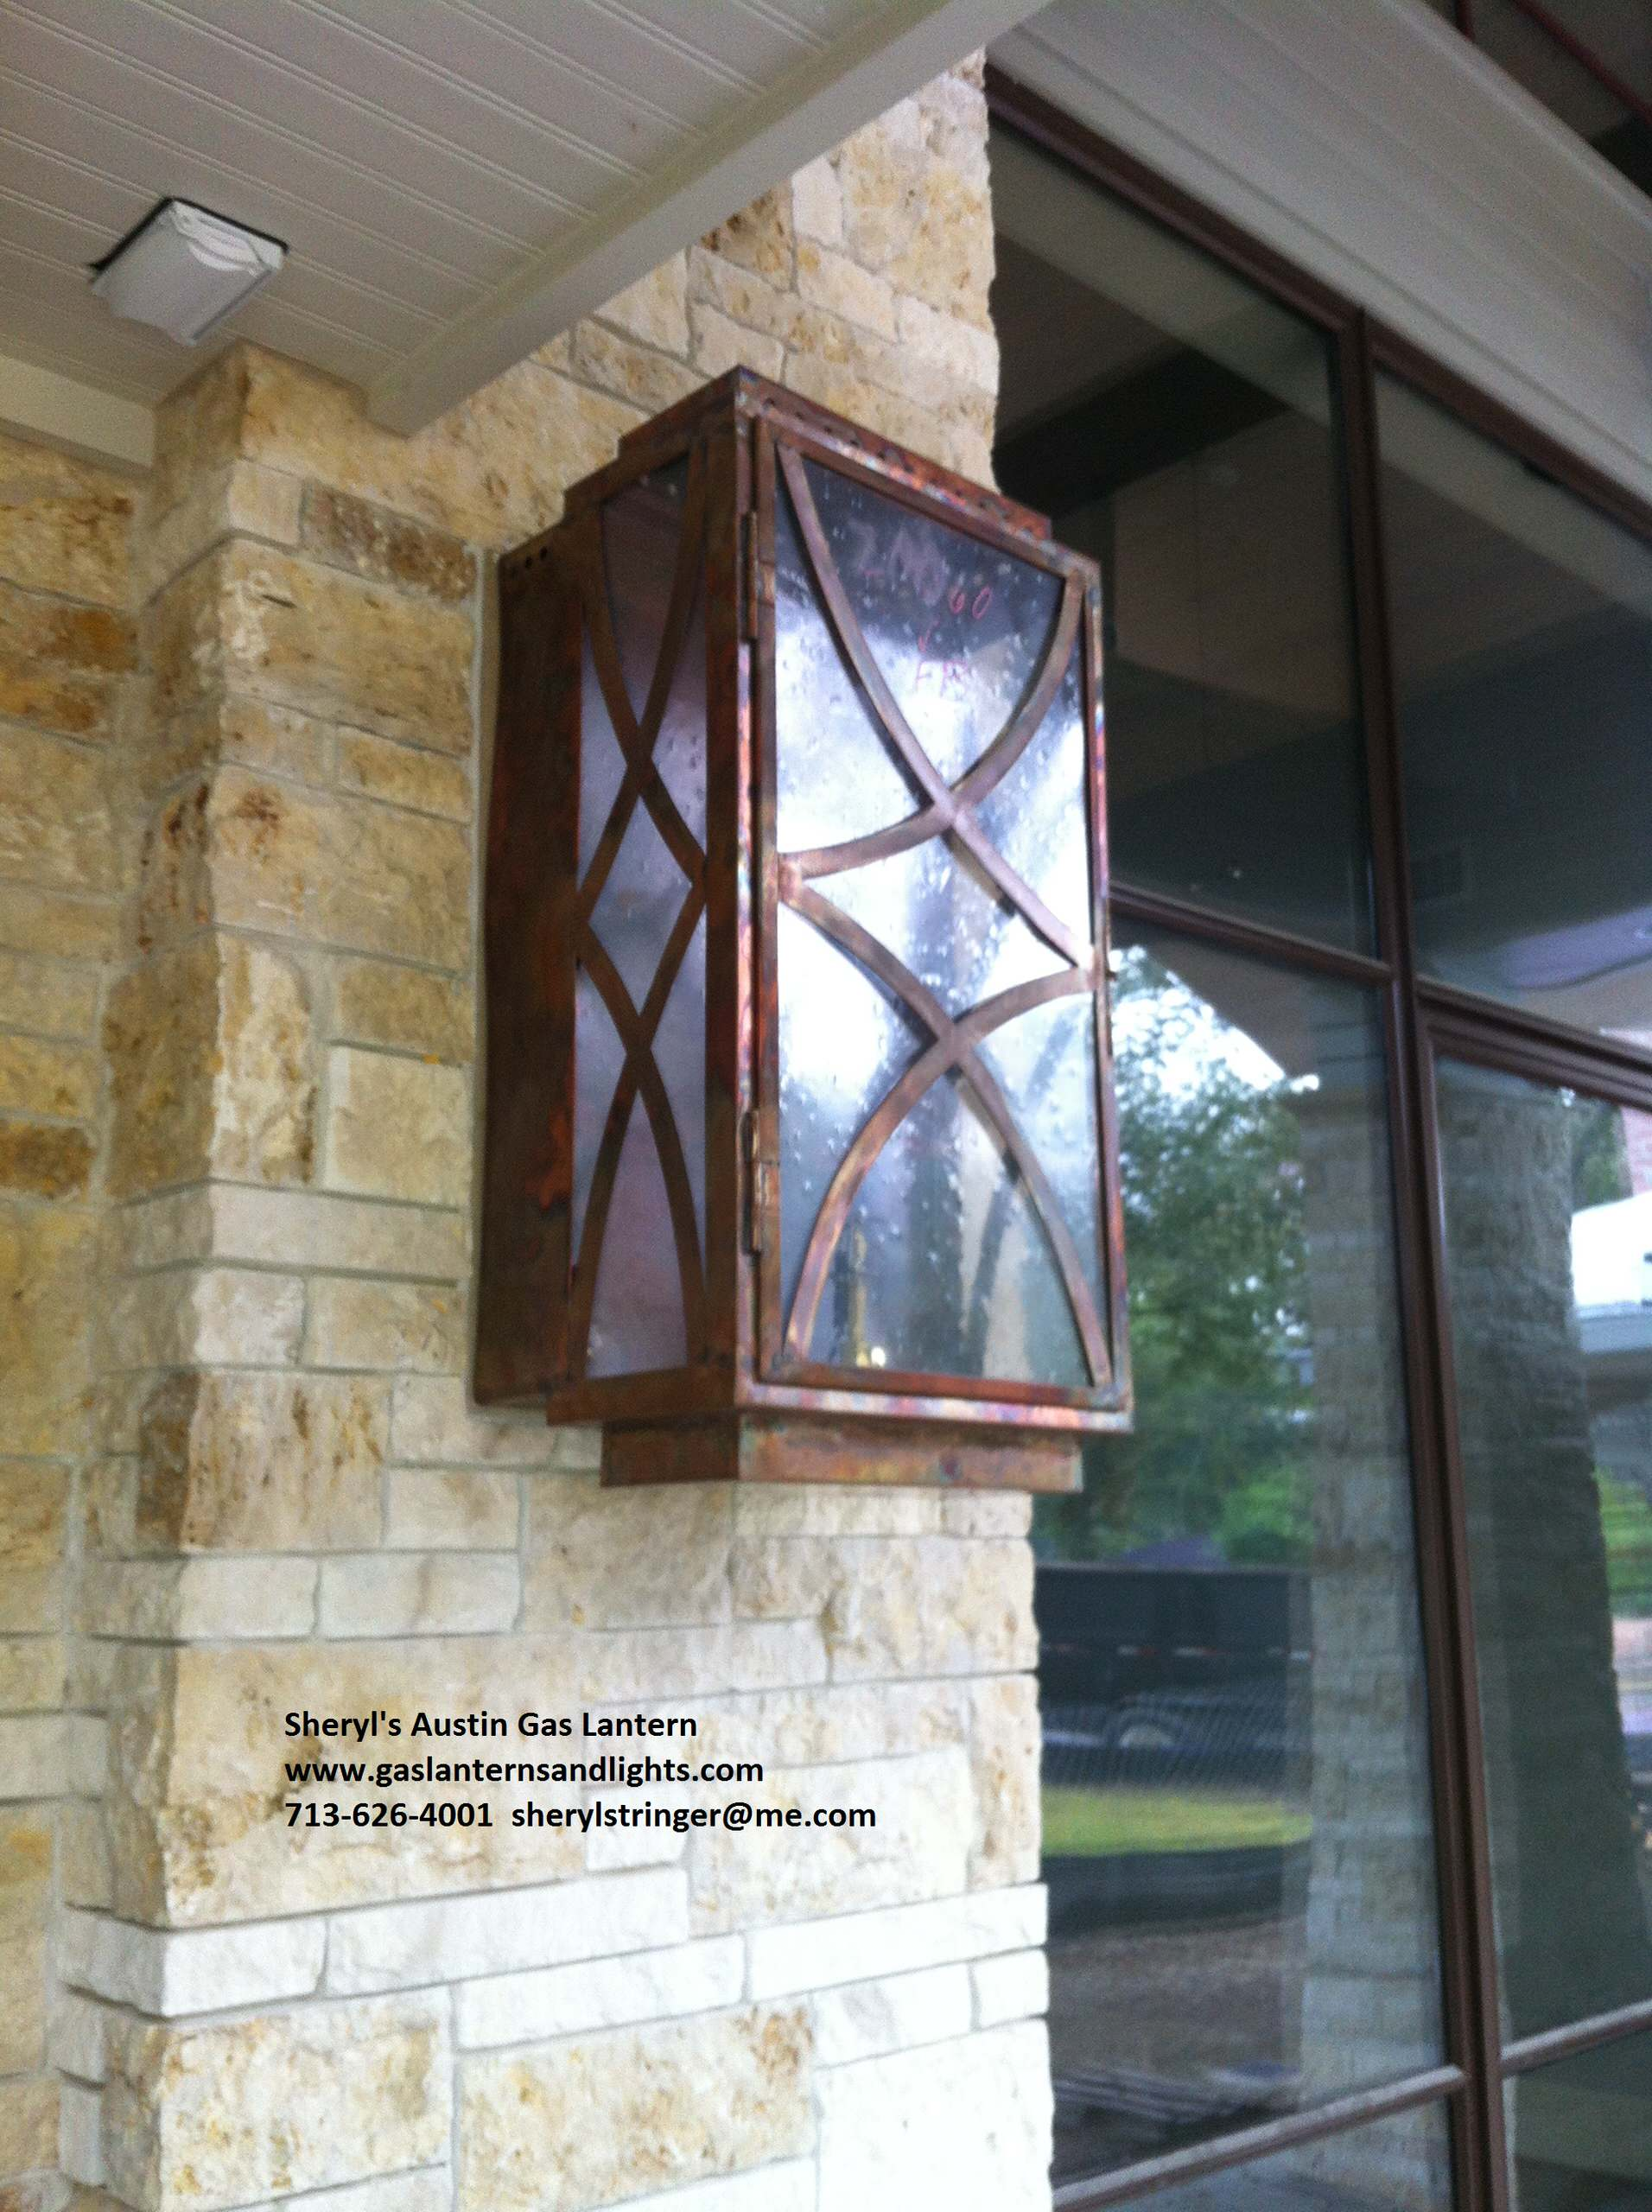 Sheryl's Austin Modern Gas Lantern